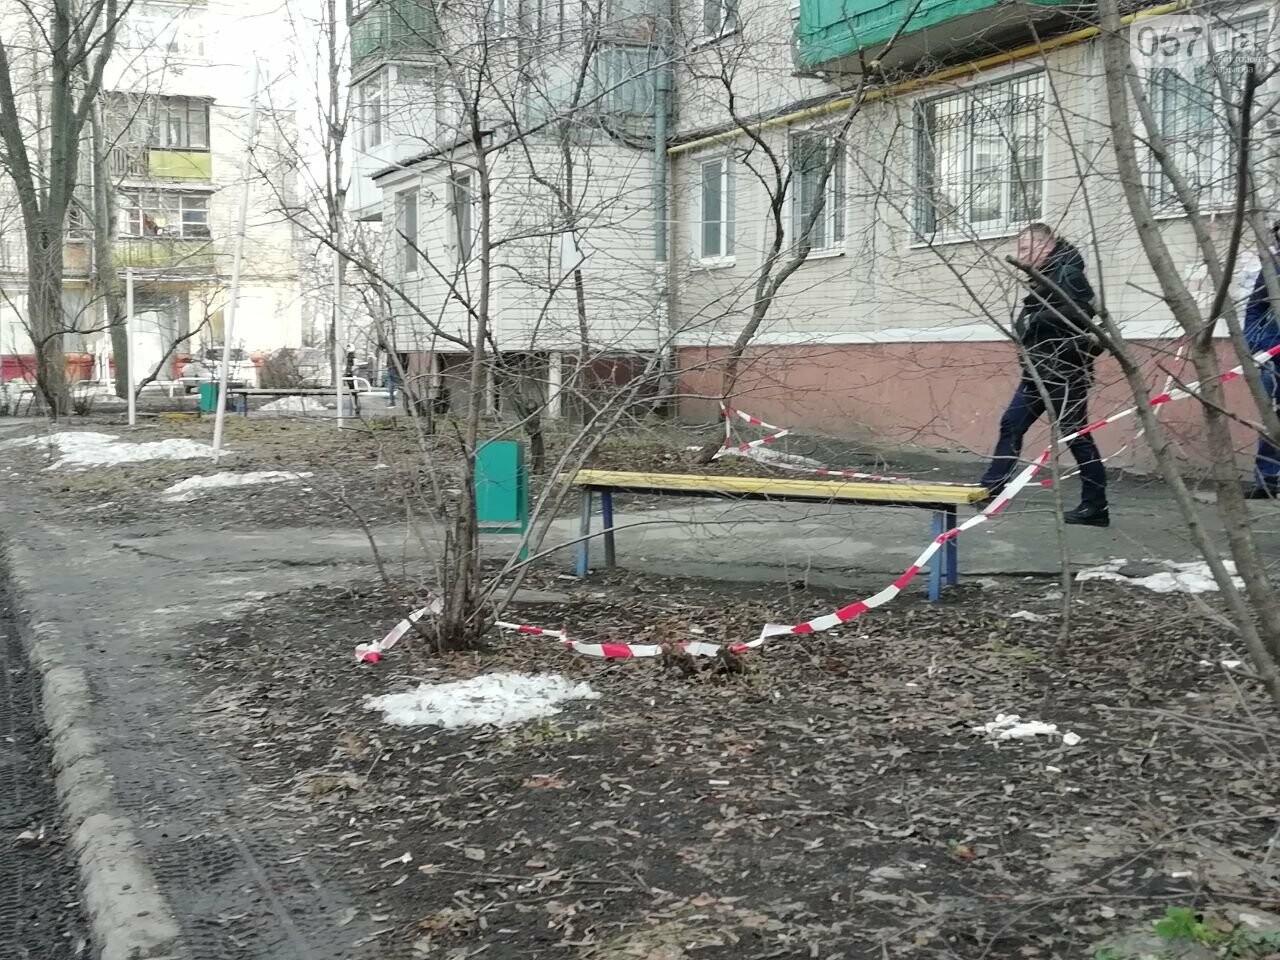 Выстрелы возле дома и неизвестные в масках: что рассказали жители о стрельбе на Московском проспекте, - ФОТО, фото-17